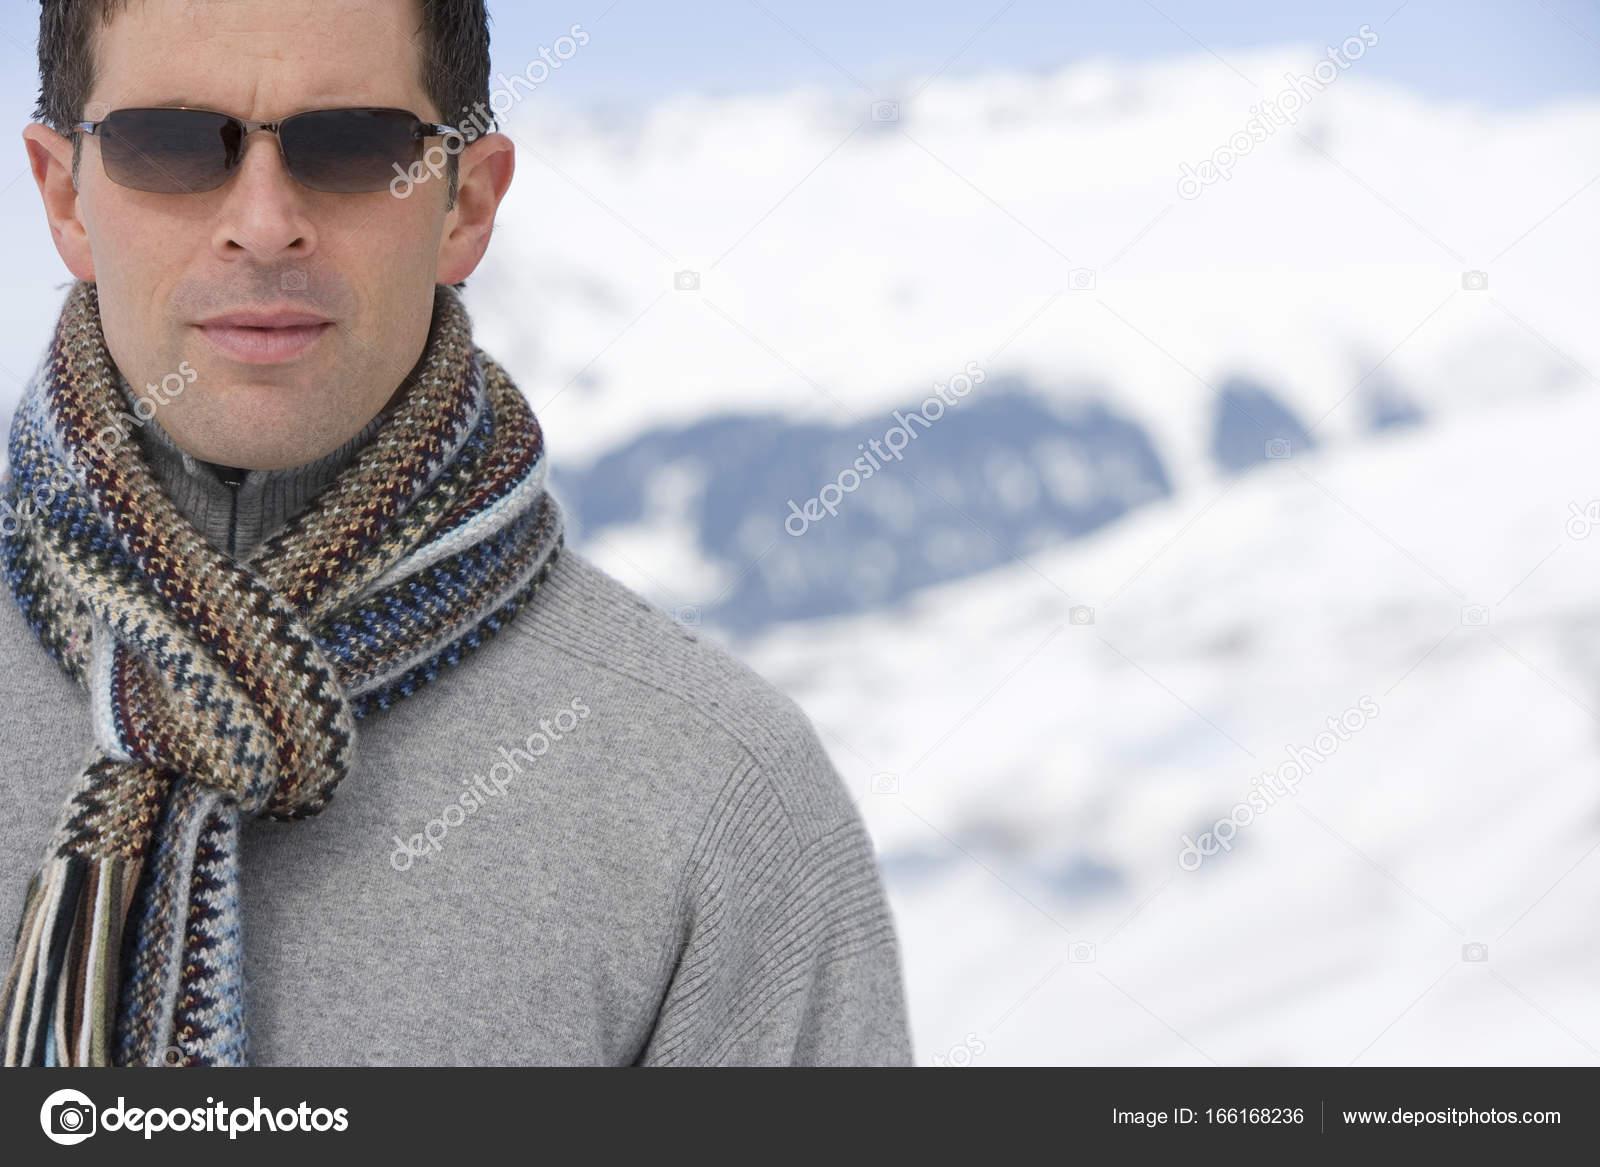 Jeune homme portant une écharpe en laine et des lunettes de soleil dans la  neige, gros plan– images de stock libres de droits 2f6e4da4ced